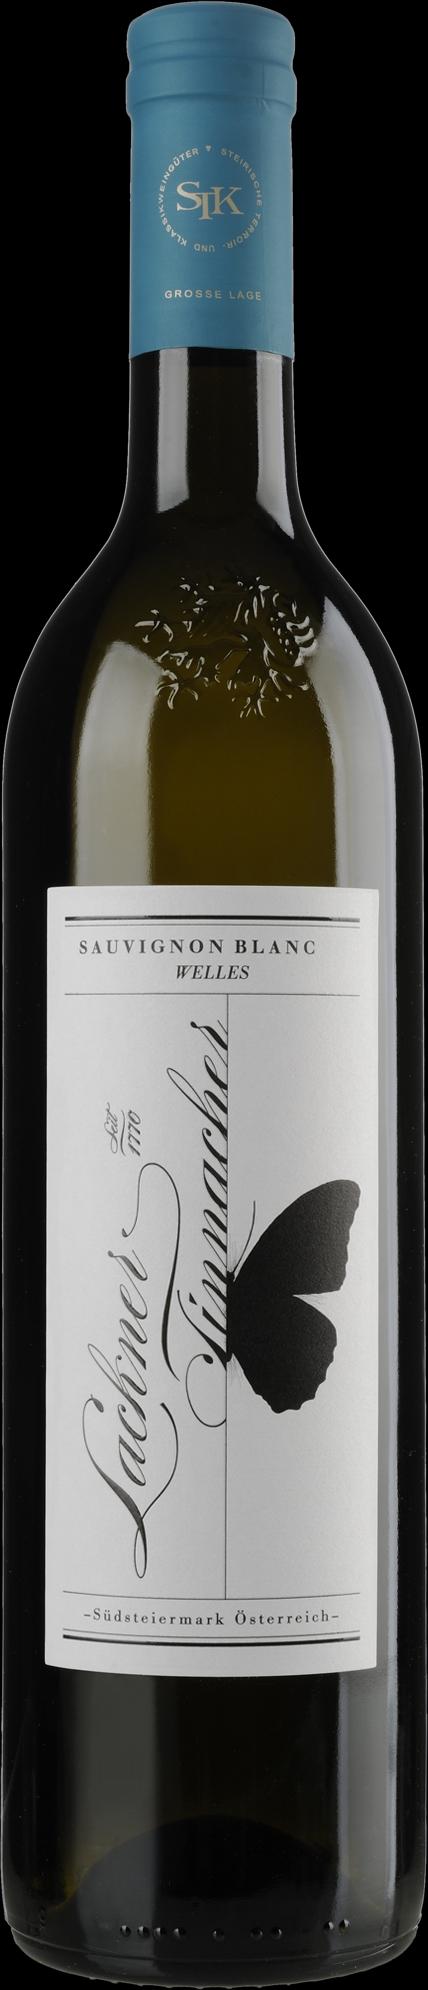 Lackner-Tinnacher Sauvignon Blanc Welles 2017